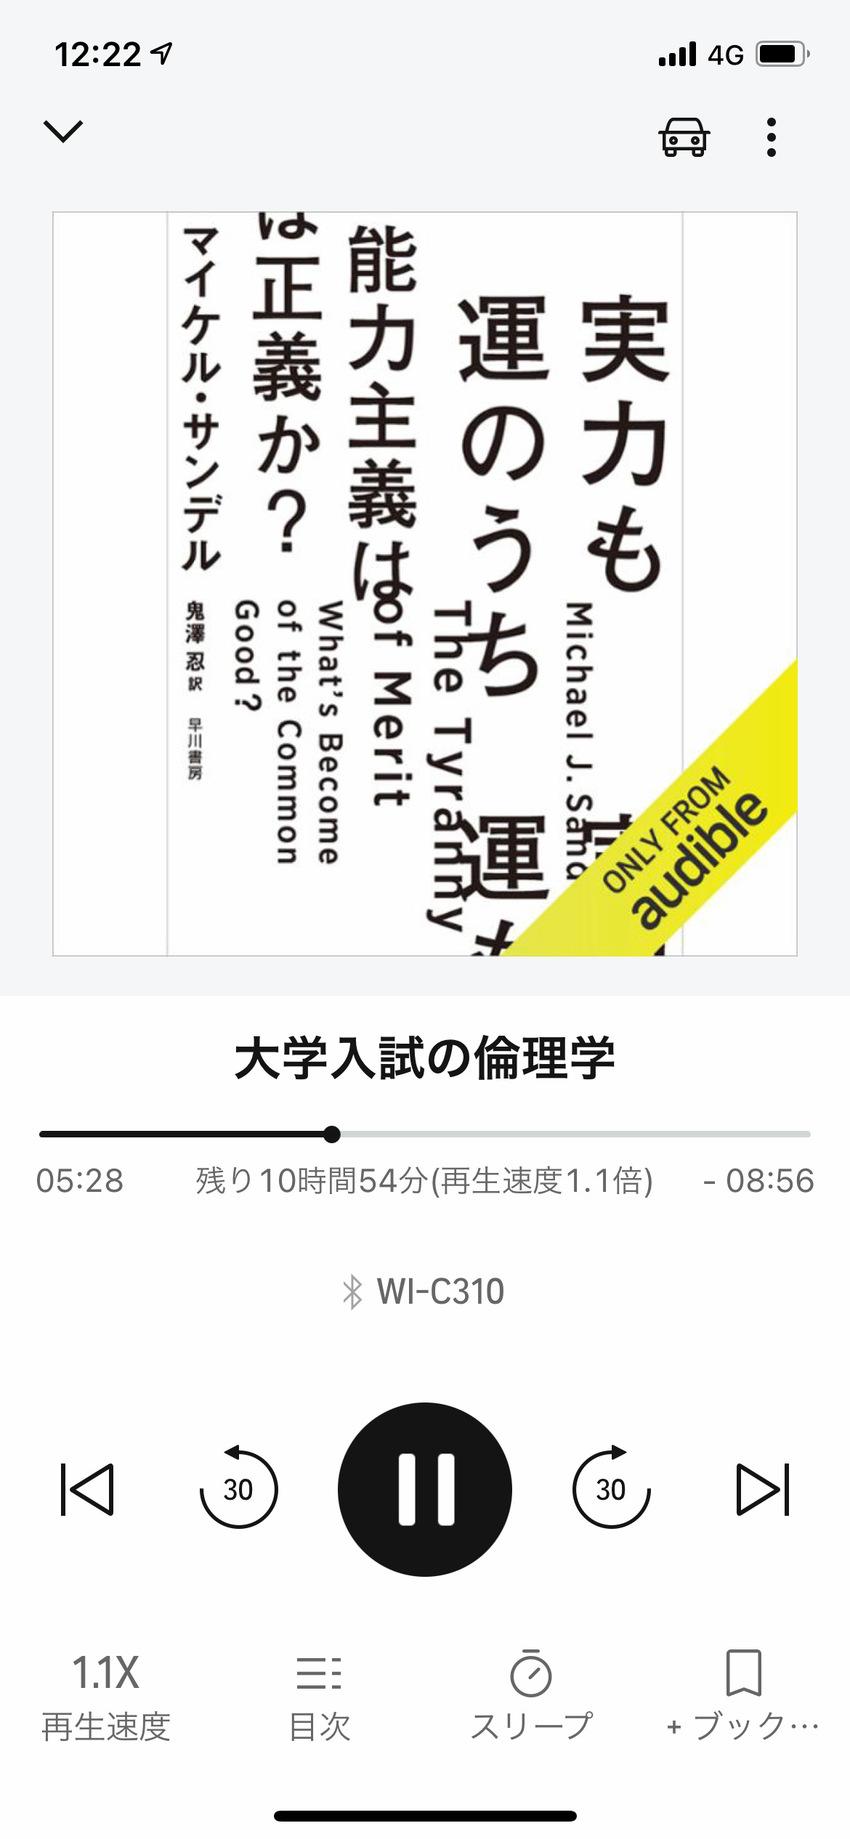 https://www.amazon.co.jp/%E5...